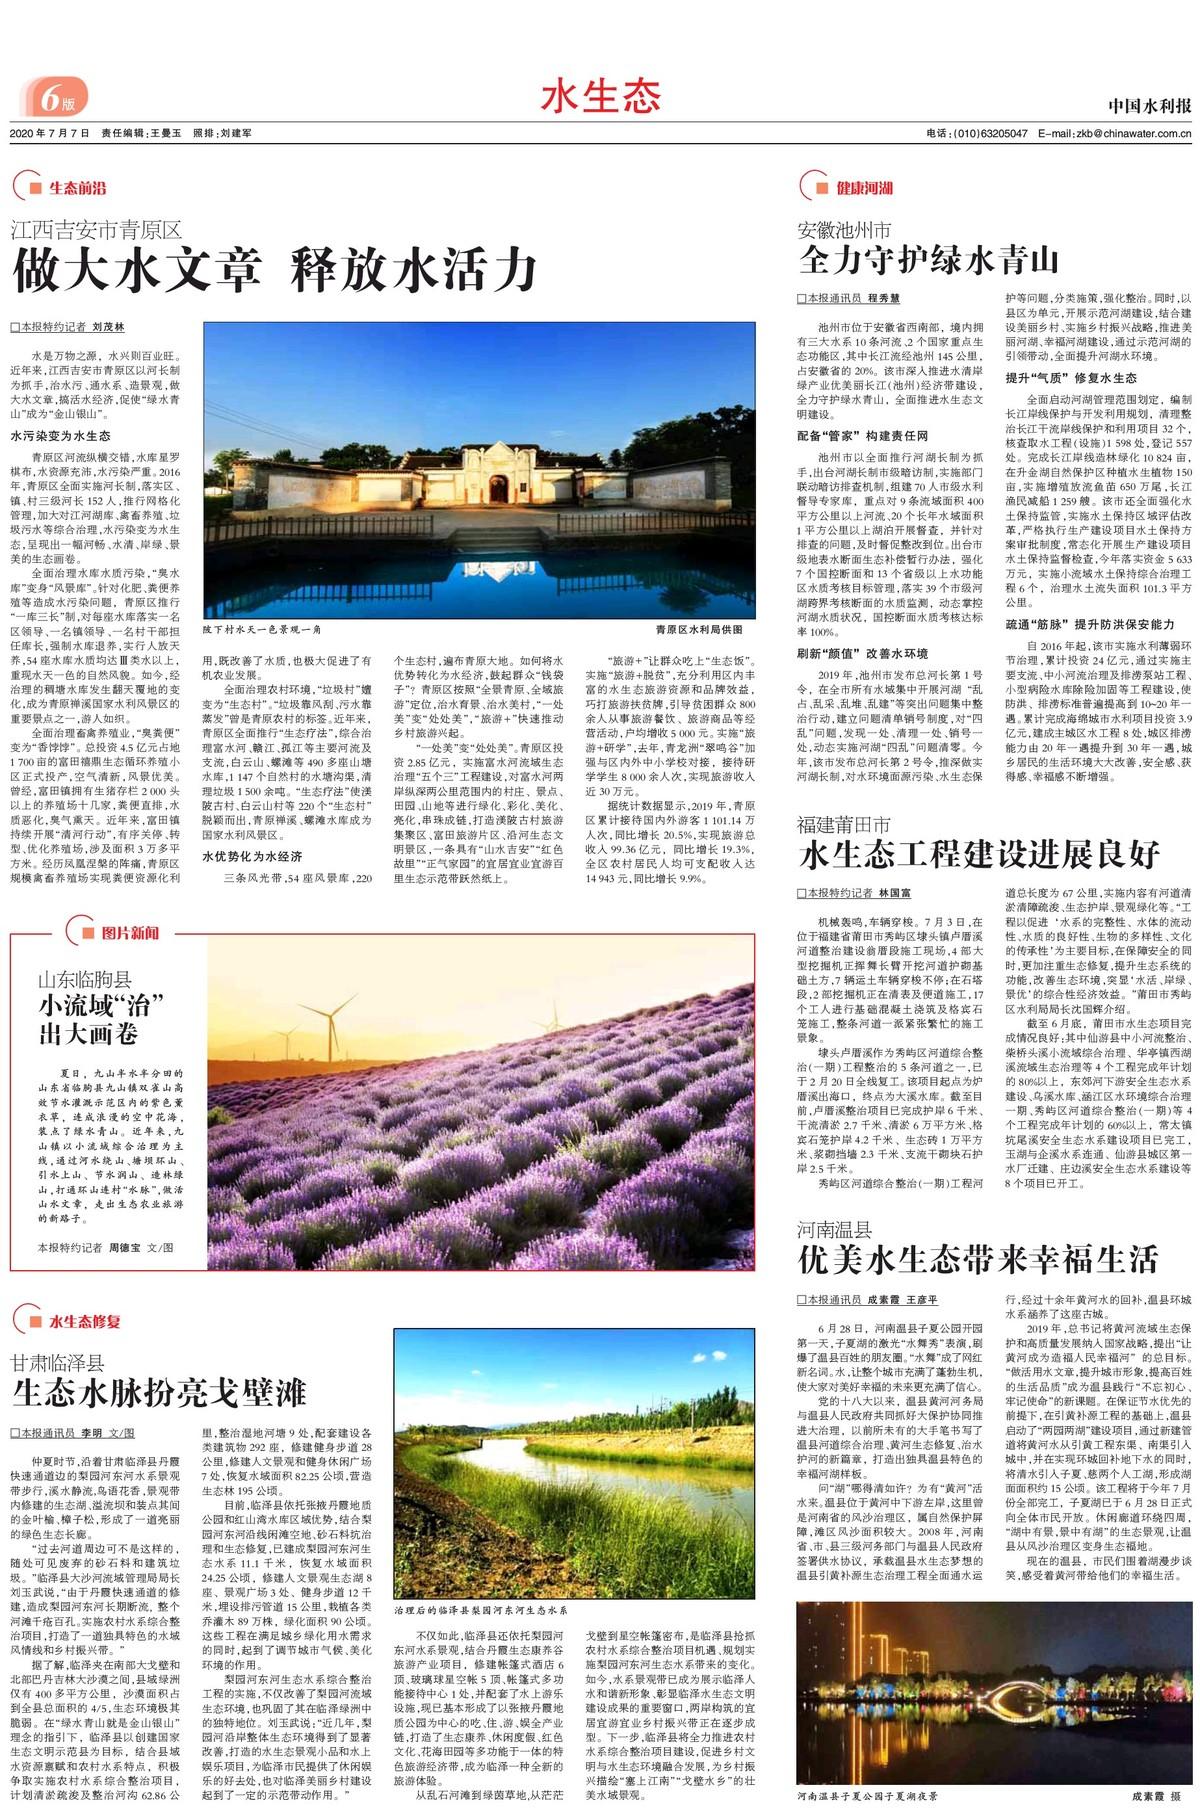 中国水利报:河南温县:优美水生态带来幸福生活